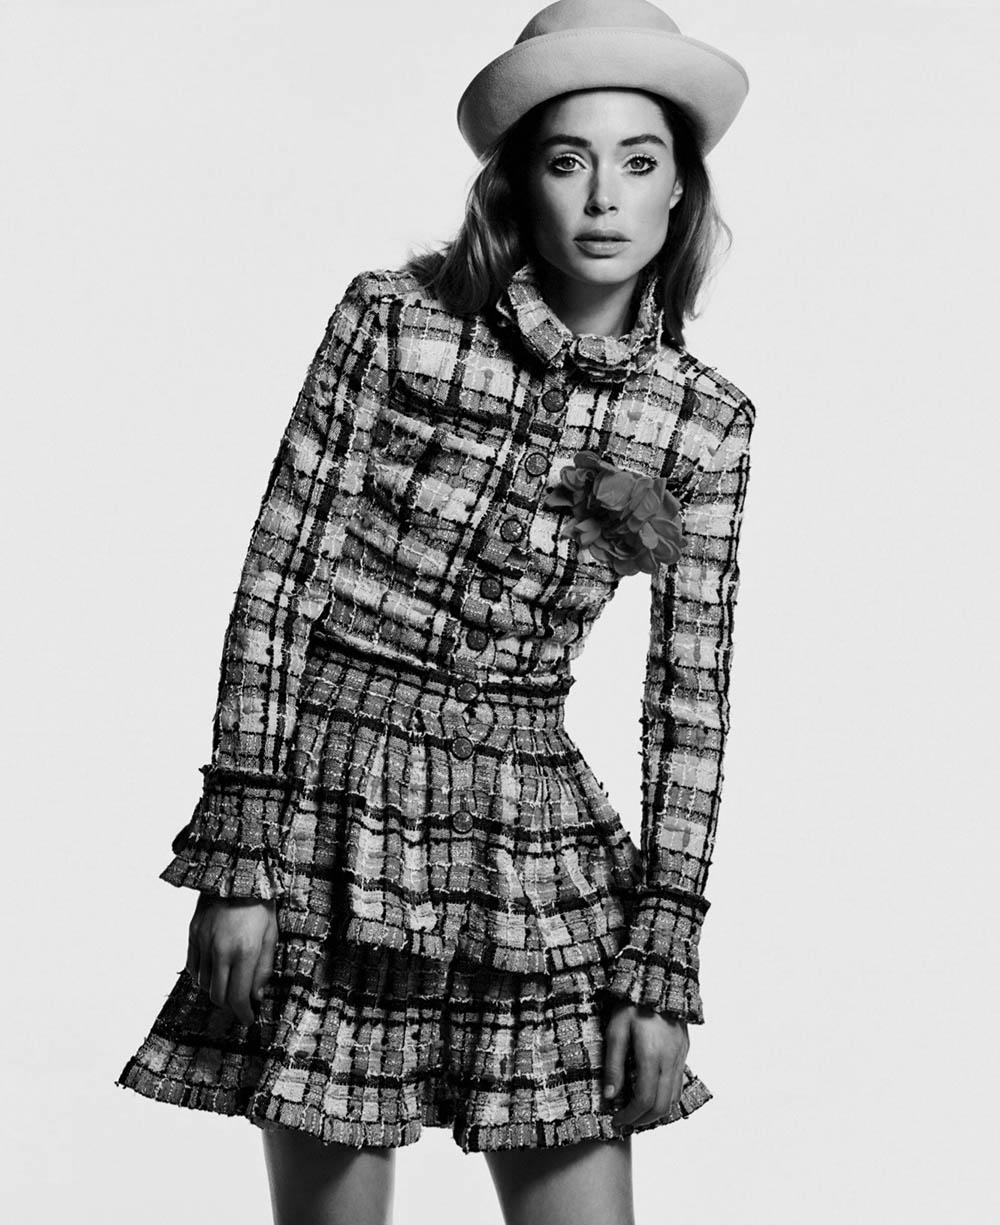 Doutzen Kroes by Chris Colls for Elle US March 2020